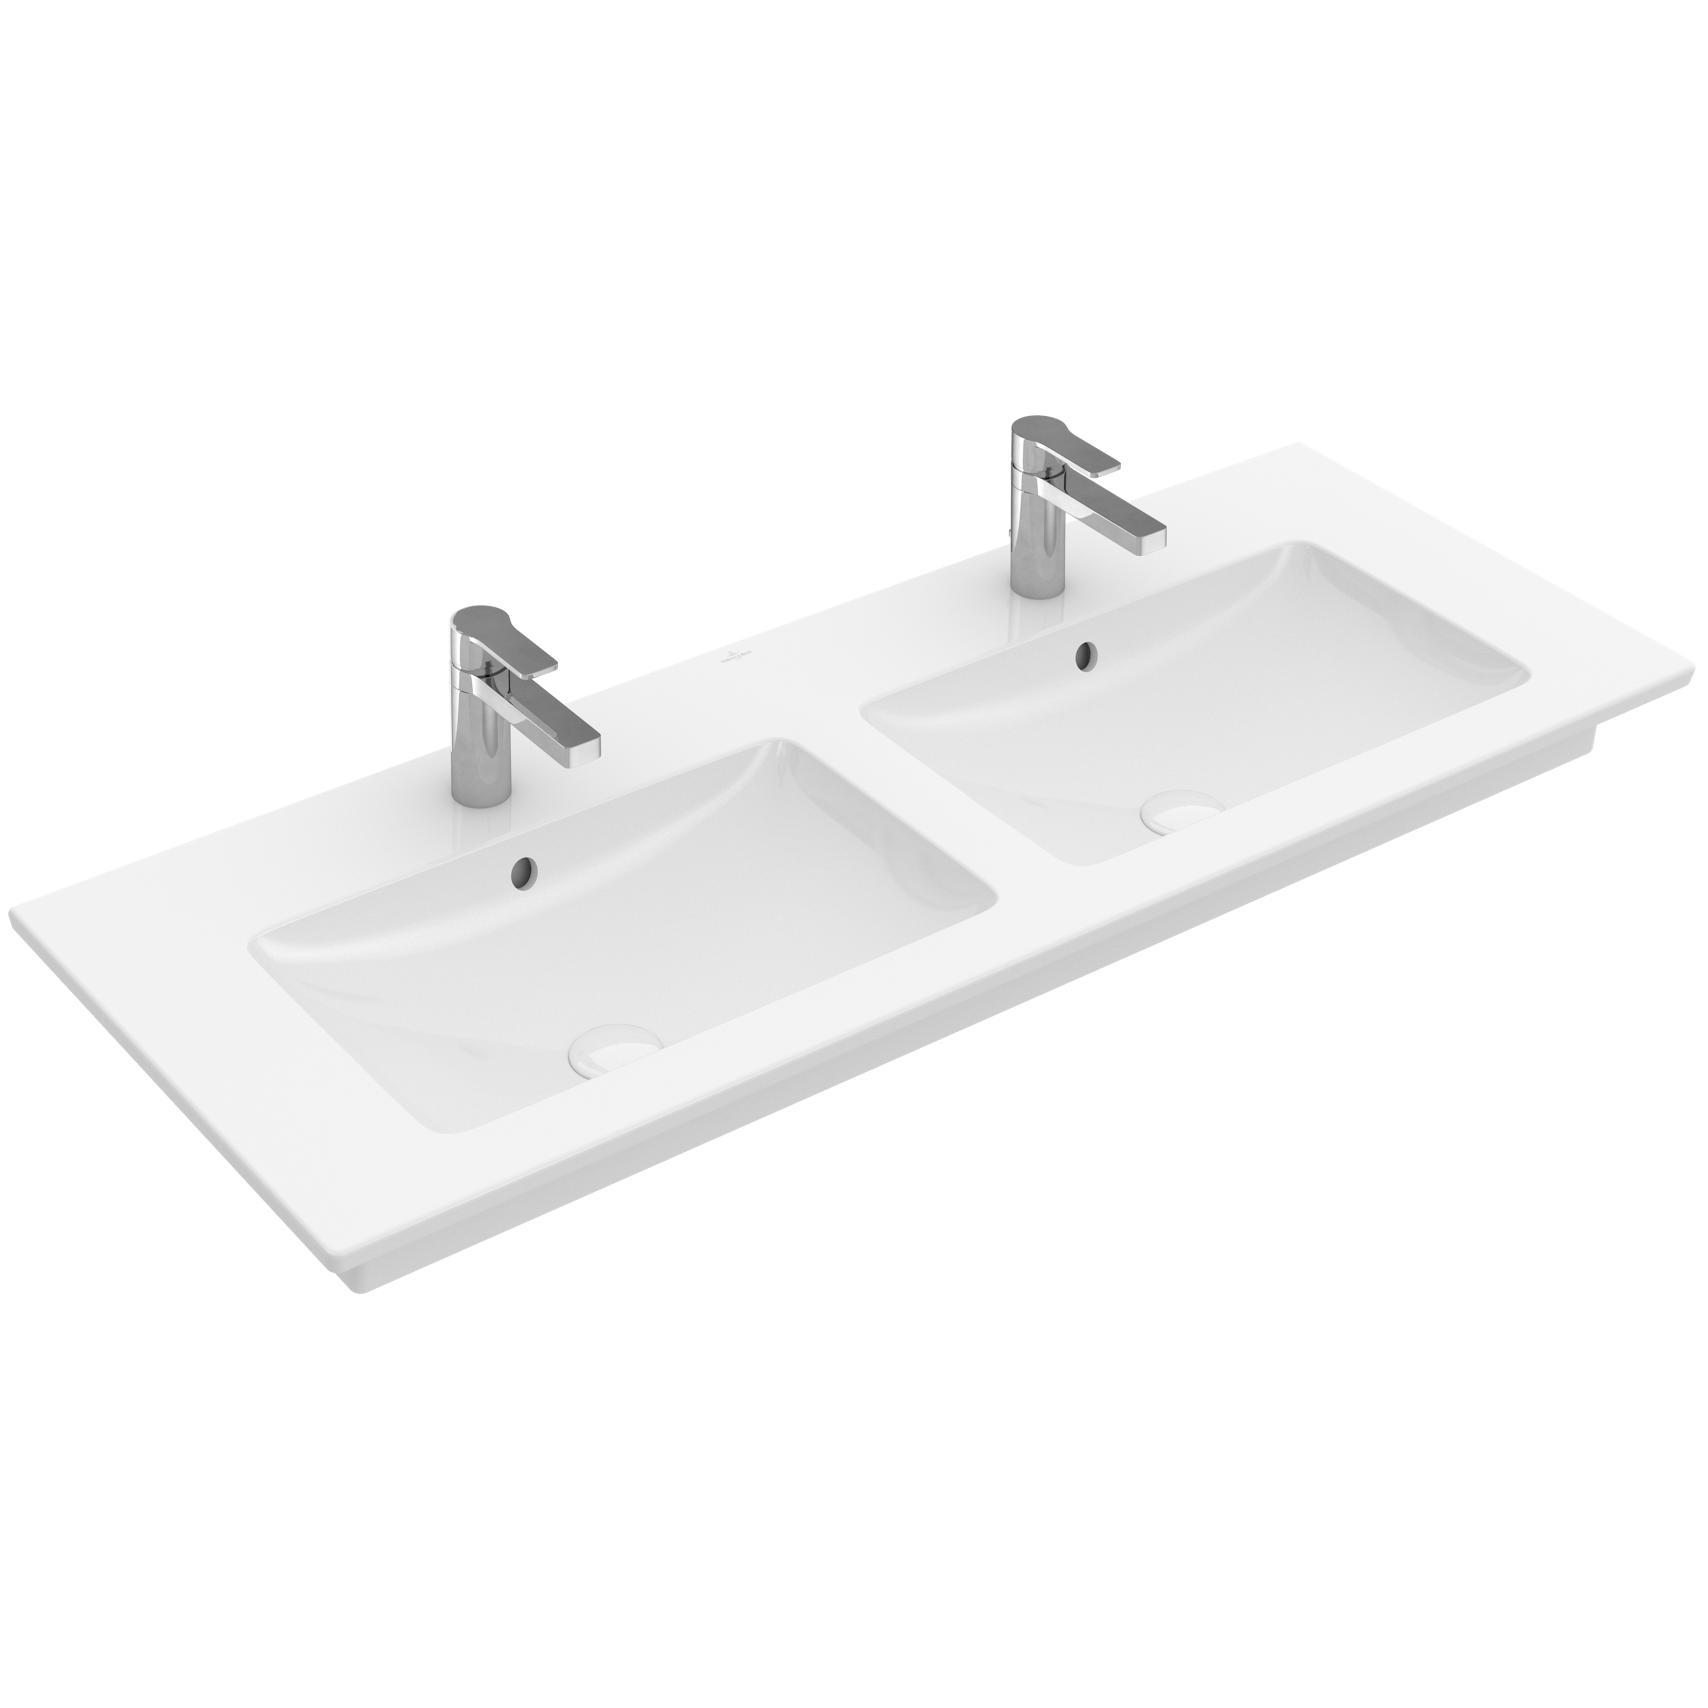 Tvättställ Villeroy & Boch Venticello 1300 mm